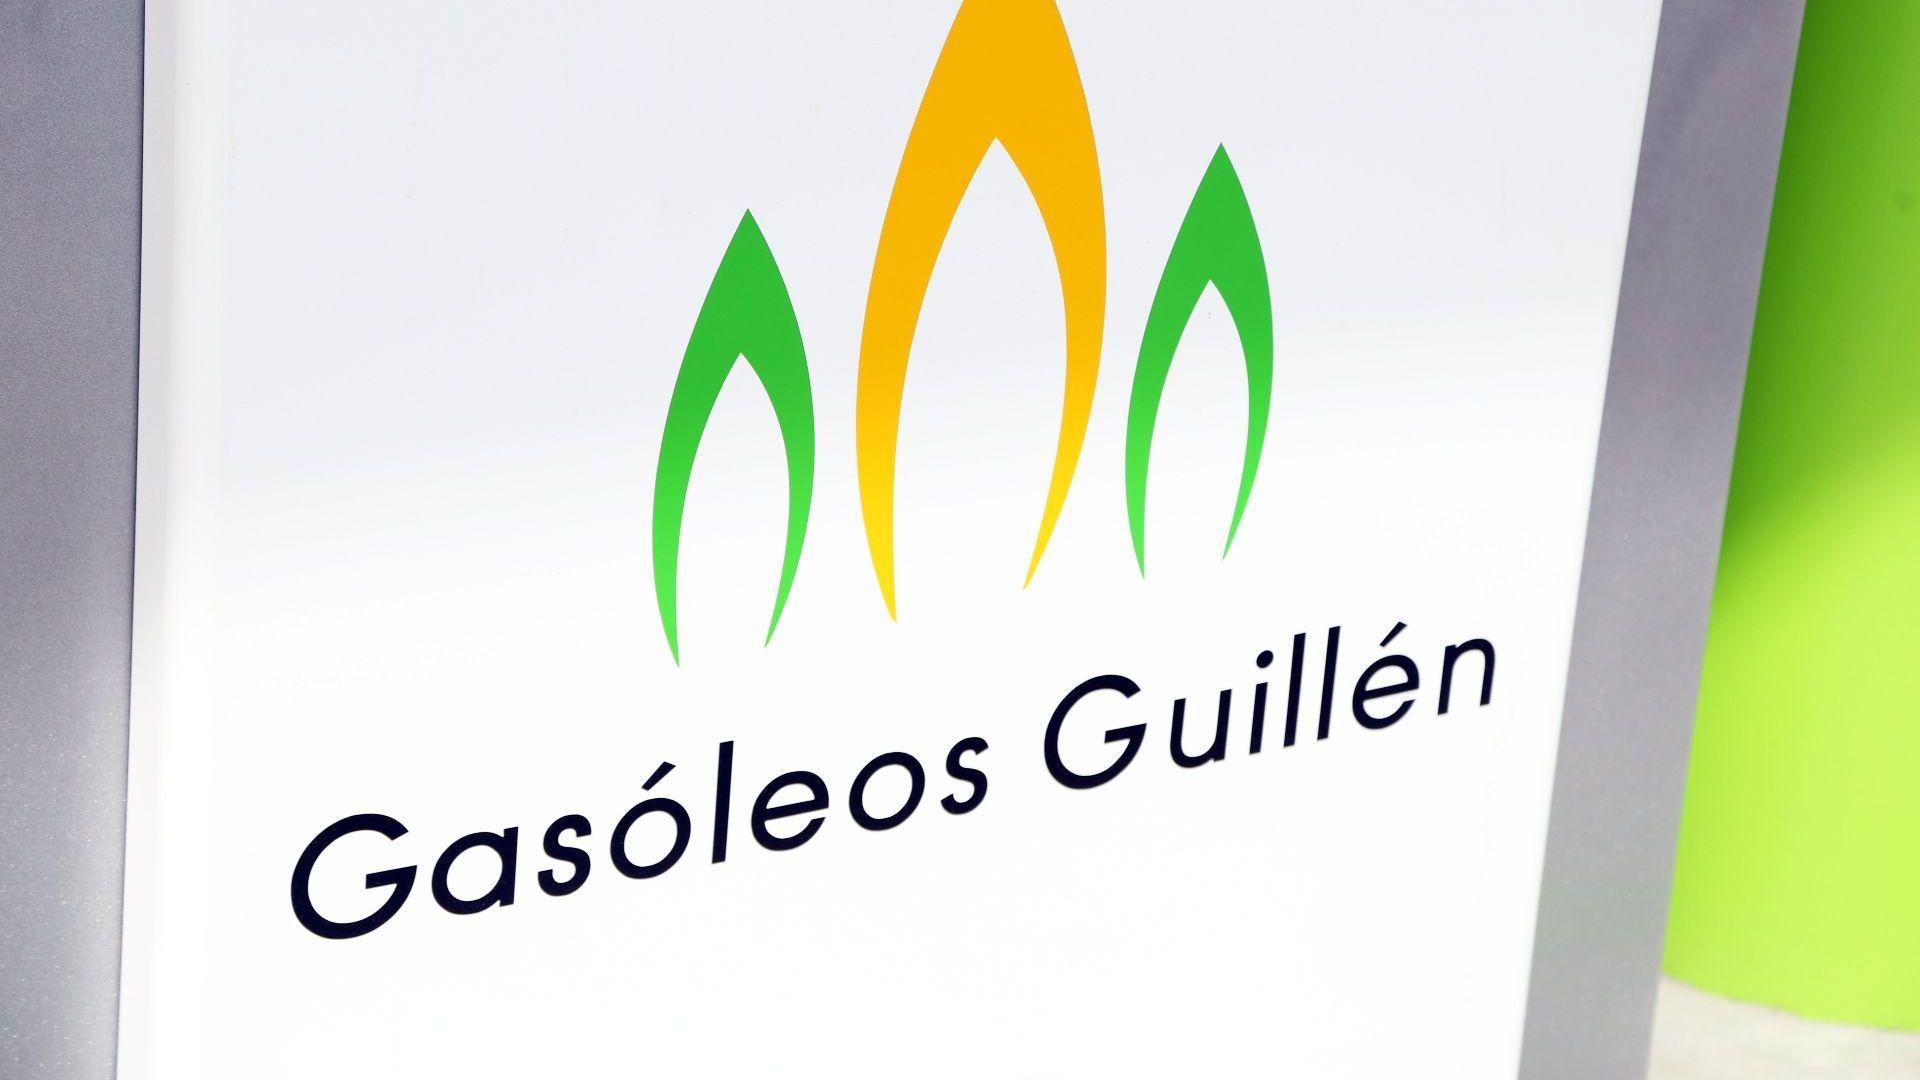 Gasoleos-Guillen-8 (1)